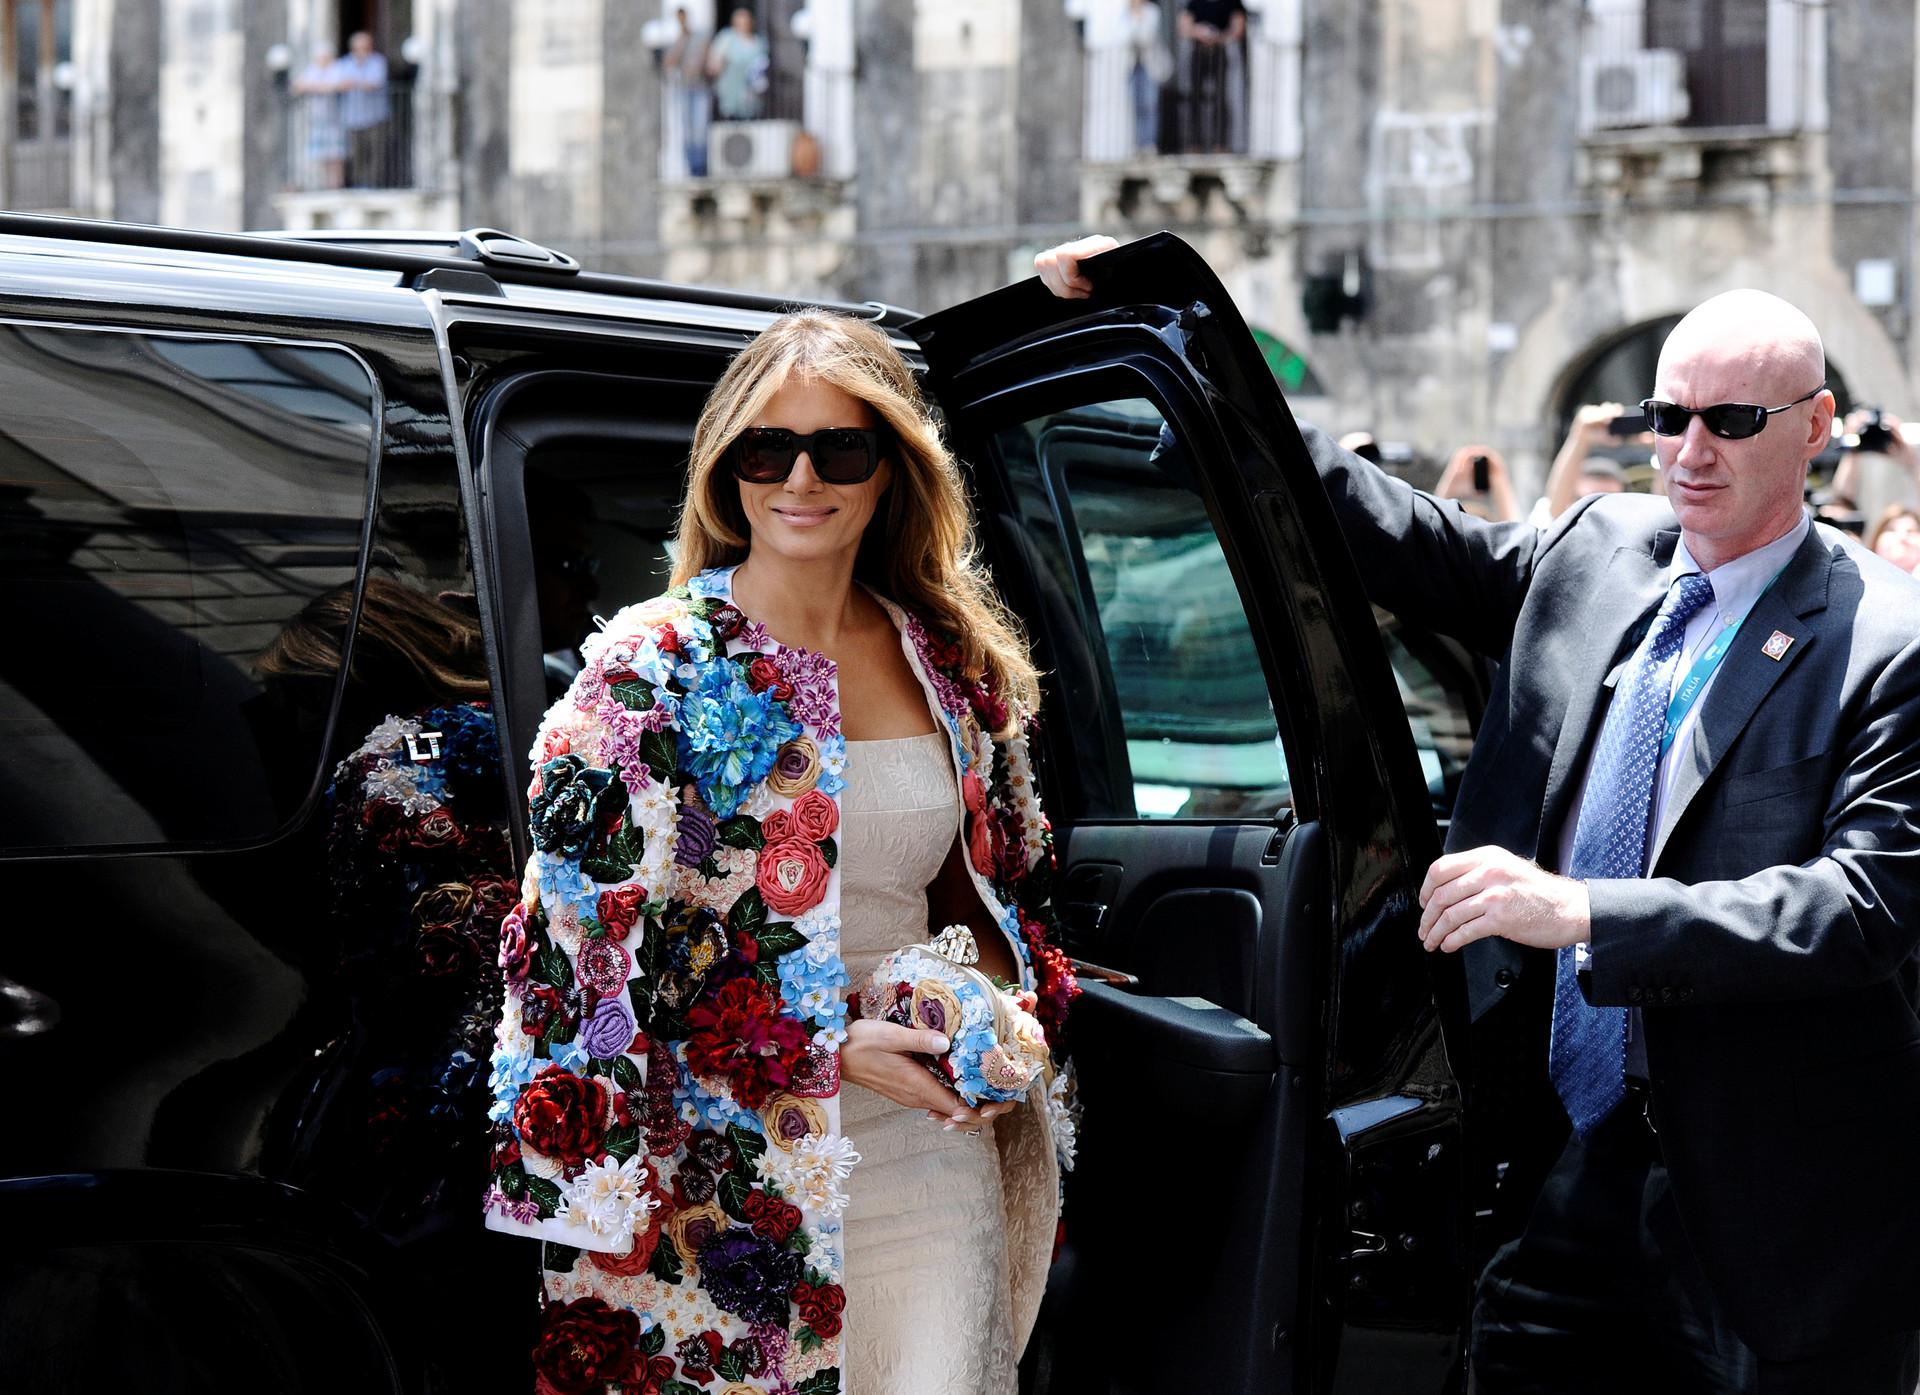 ¿Qué esconde? Descifrando la incógnita de Melania Trump, el centro de todas las miradas